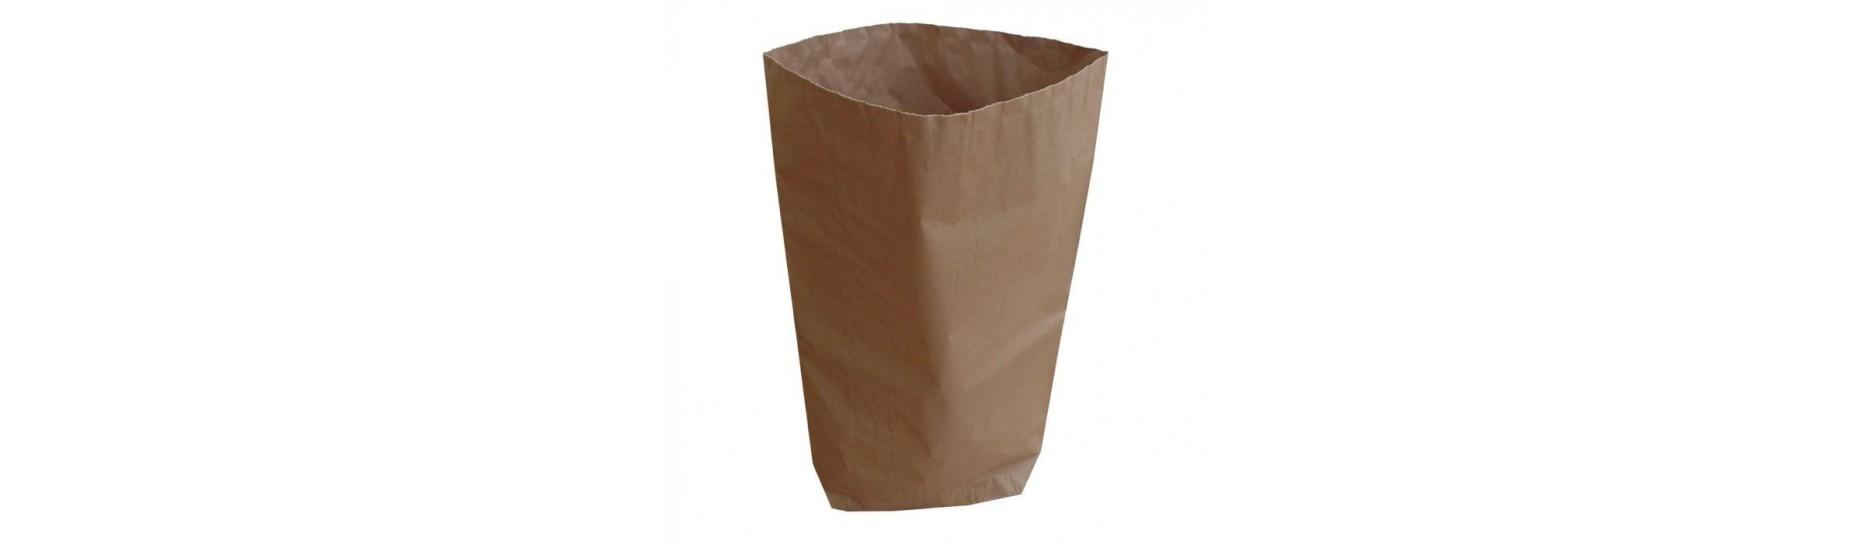 Otevřené papírové pytle (open paper sack) dvouvrstvé jejich dno je z jedné strany uzavřeno.